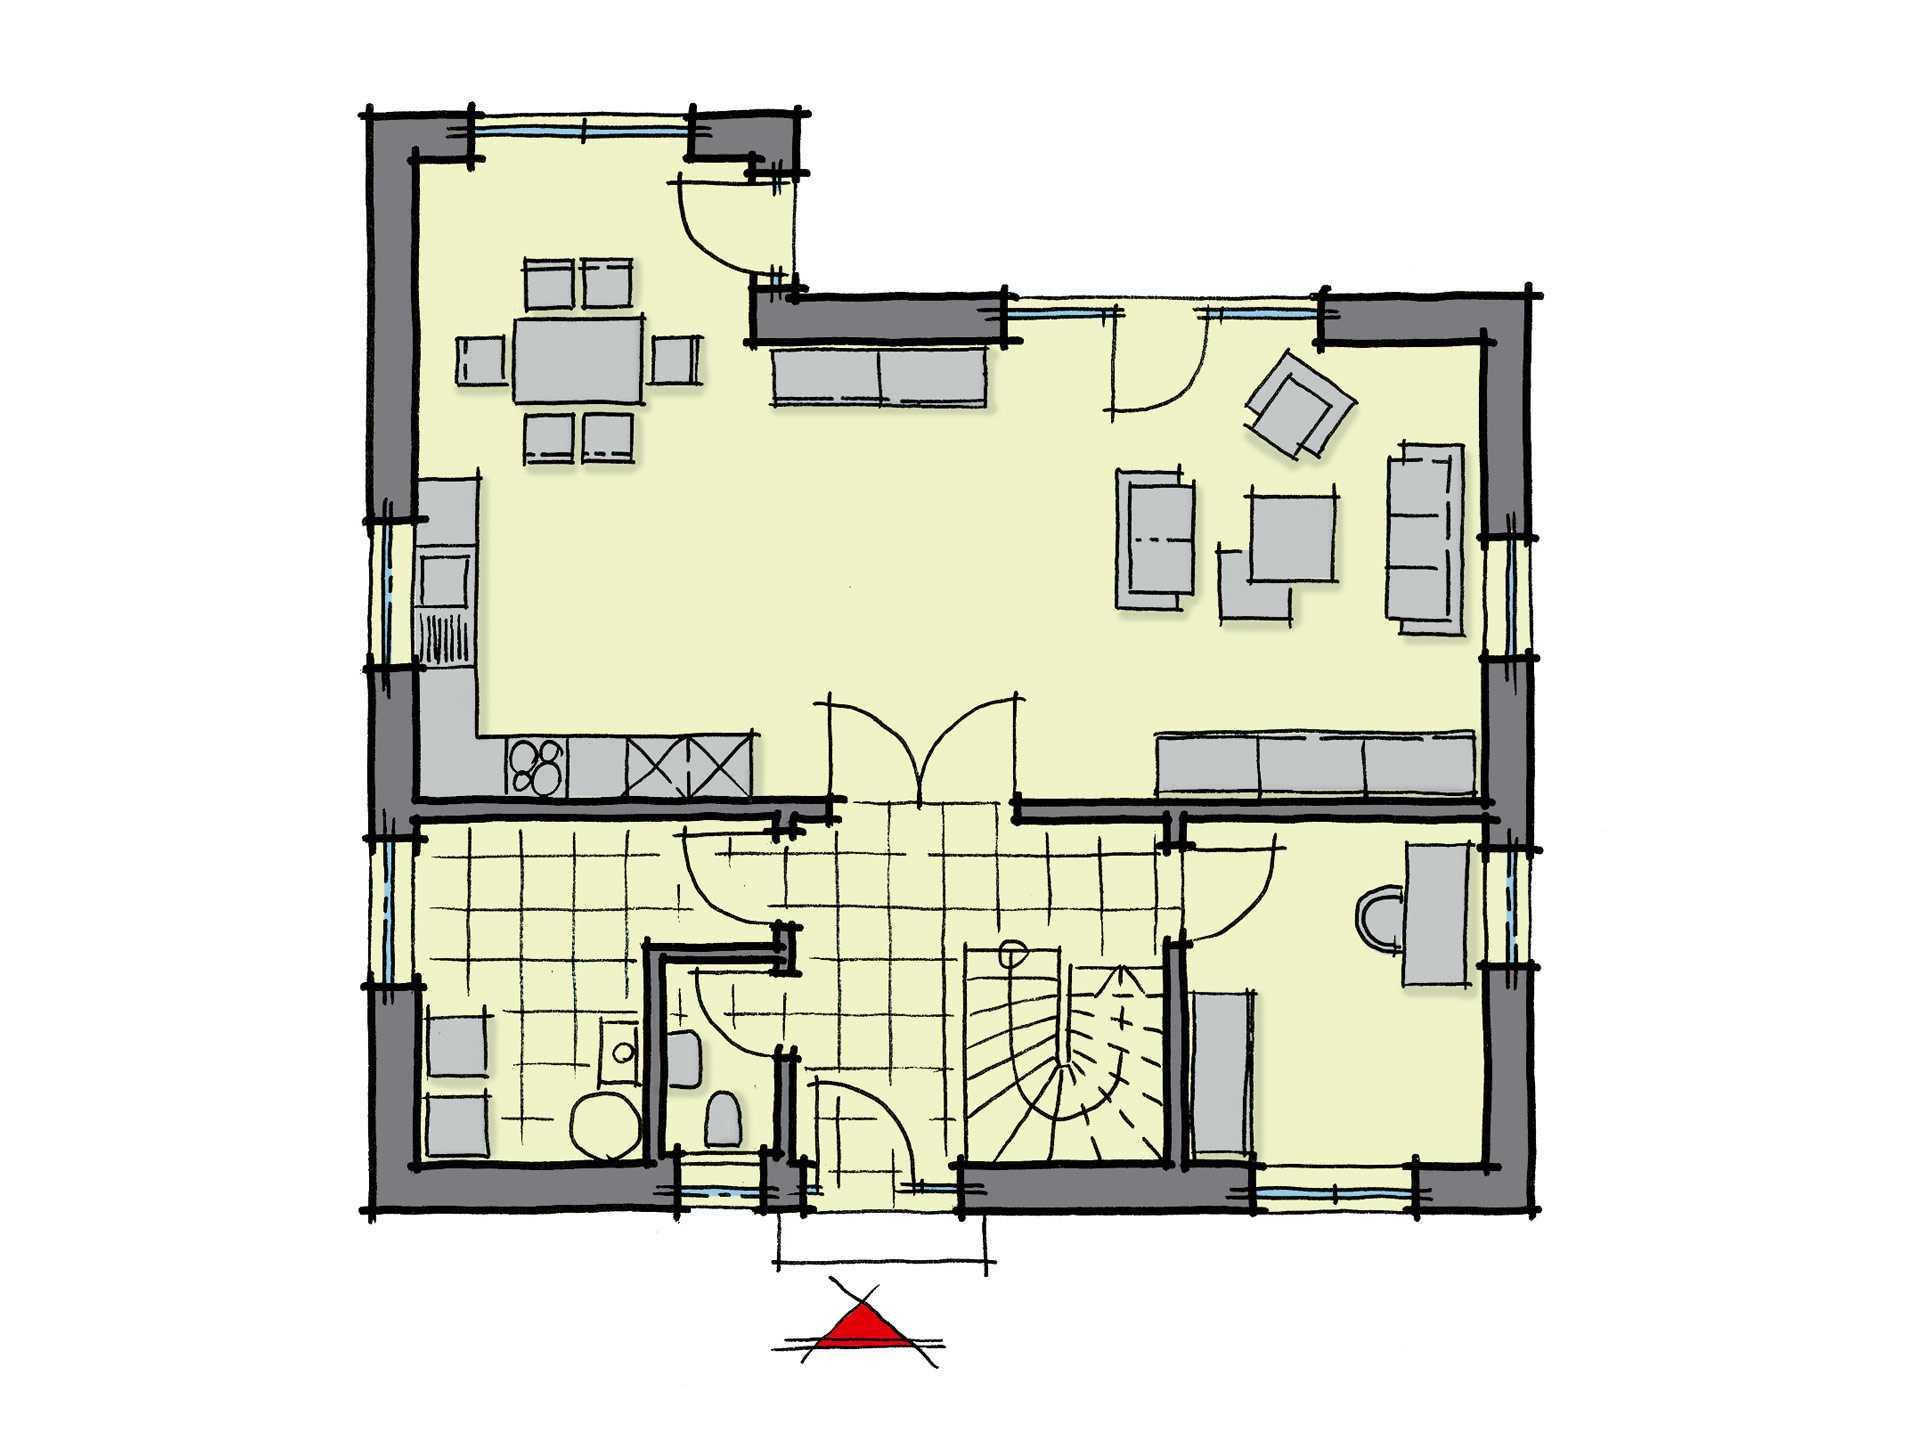 Grundriss Erdgeschoss Fertighaus Magnolienallee Variante 1 GUSSEK HAUS